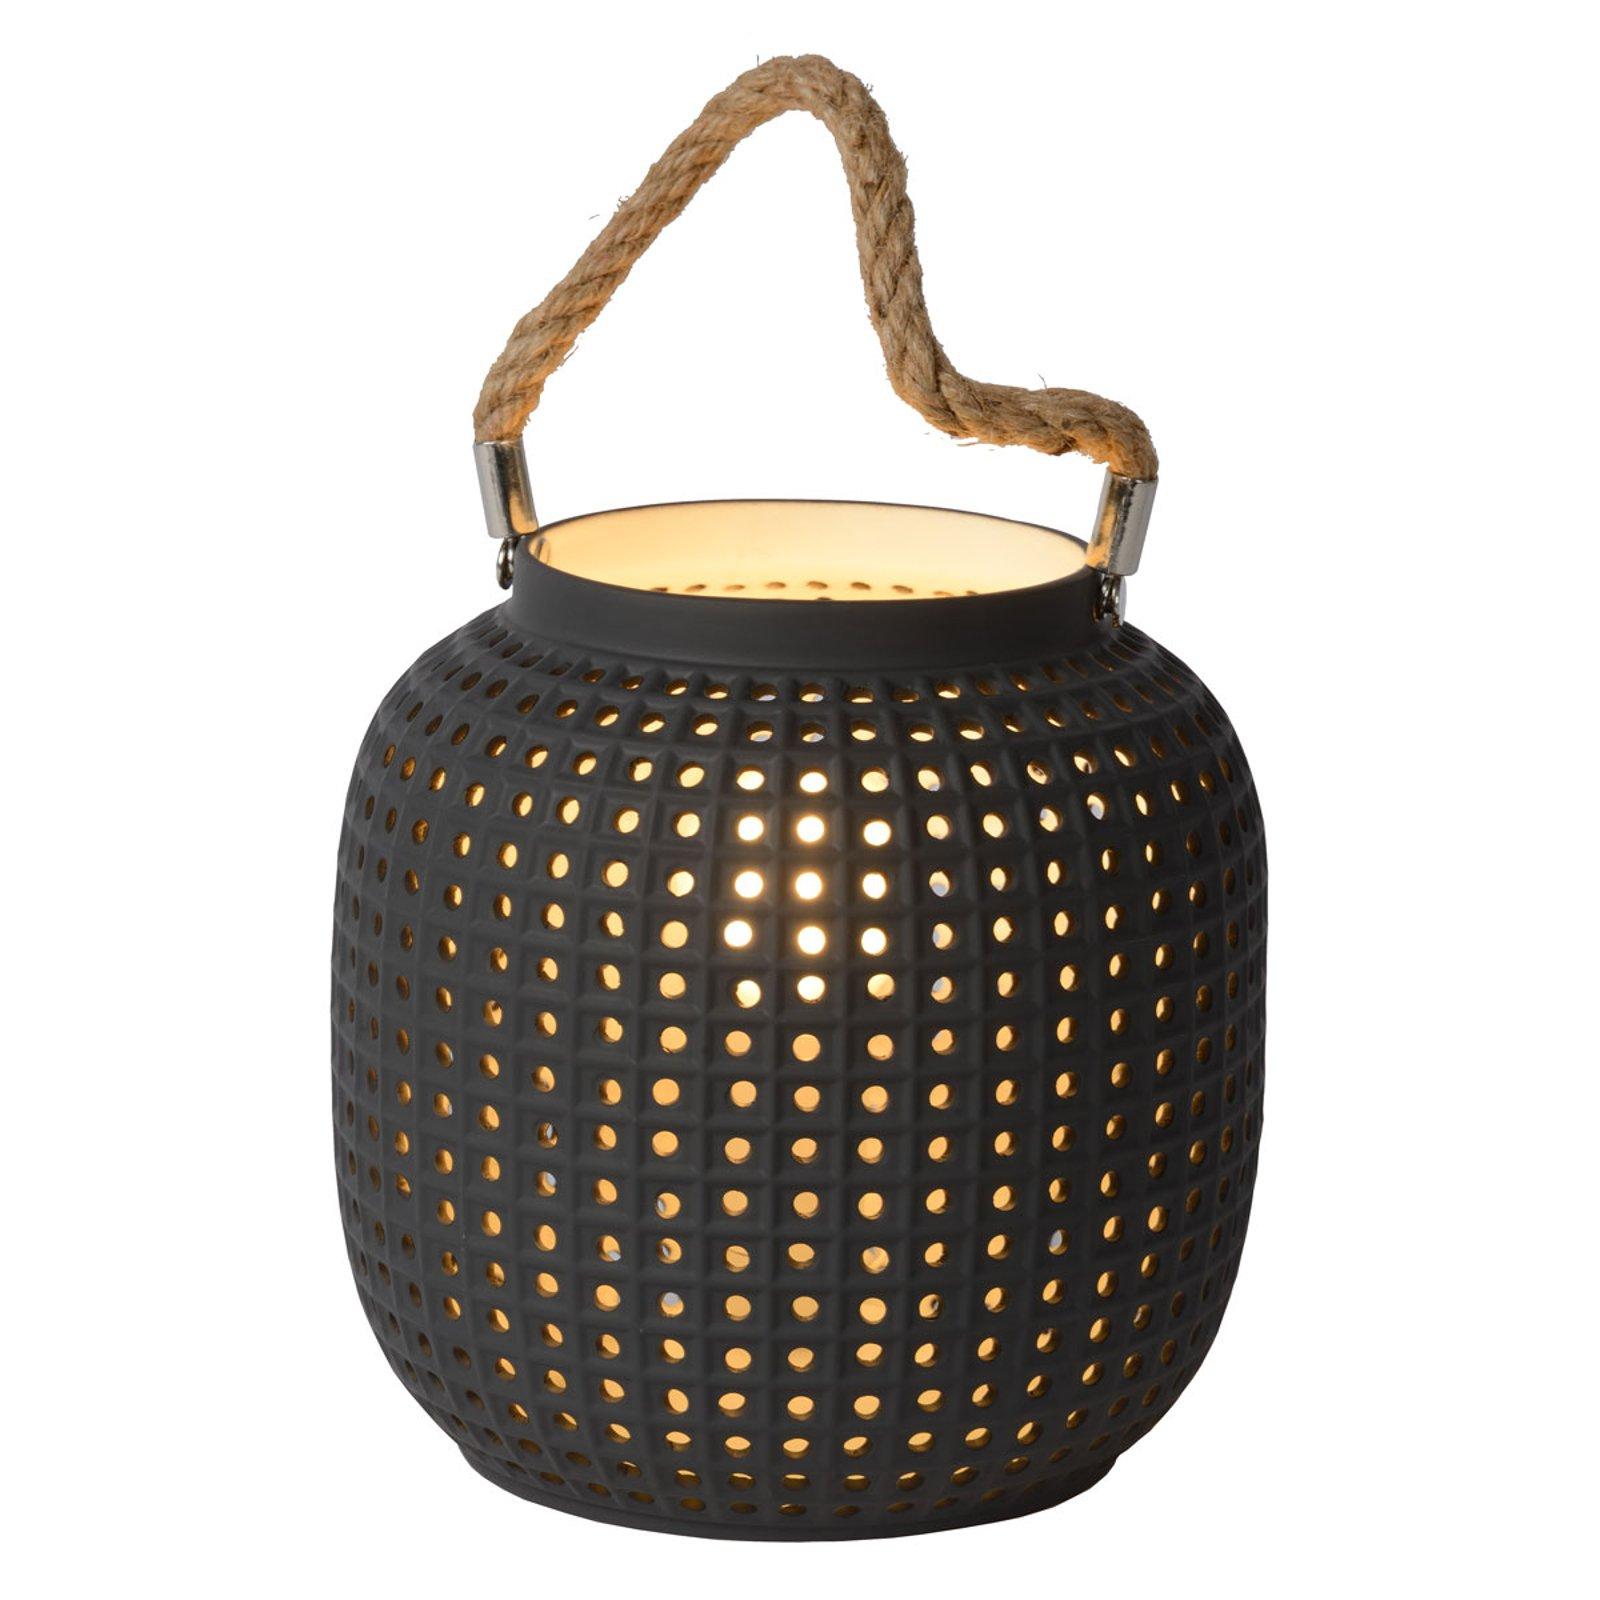 Safiya bordlampe av porselen, antrasitt